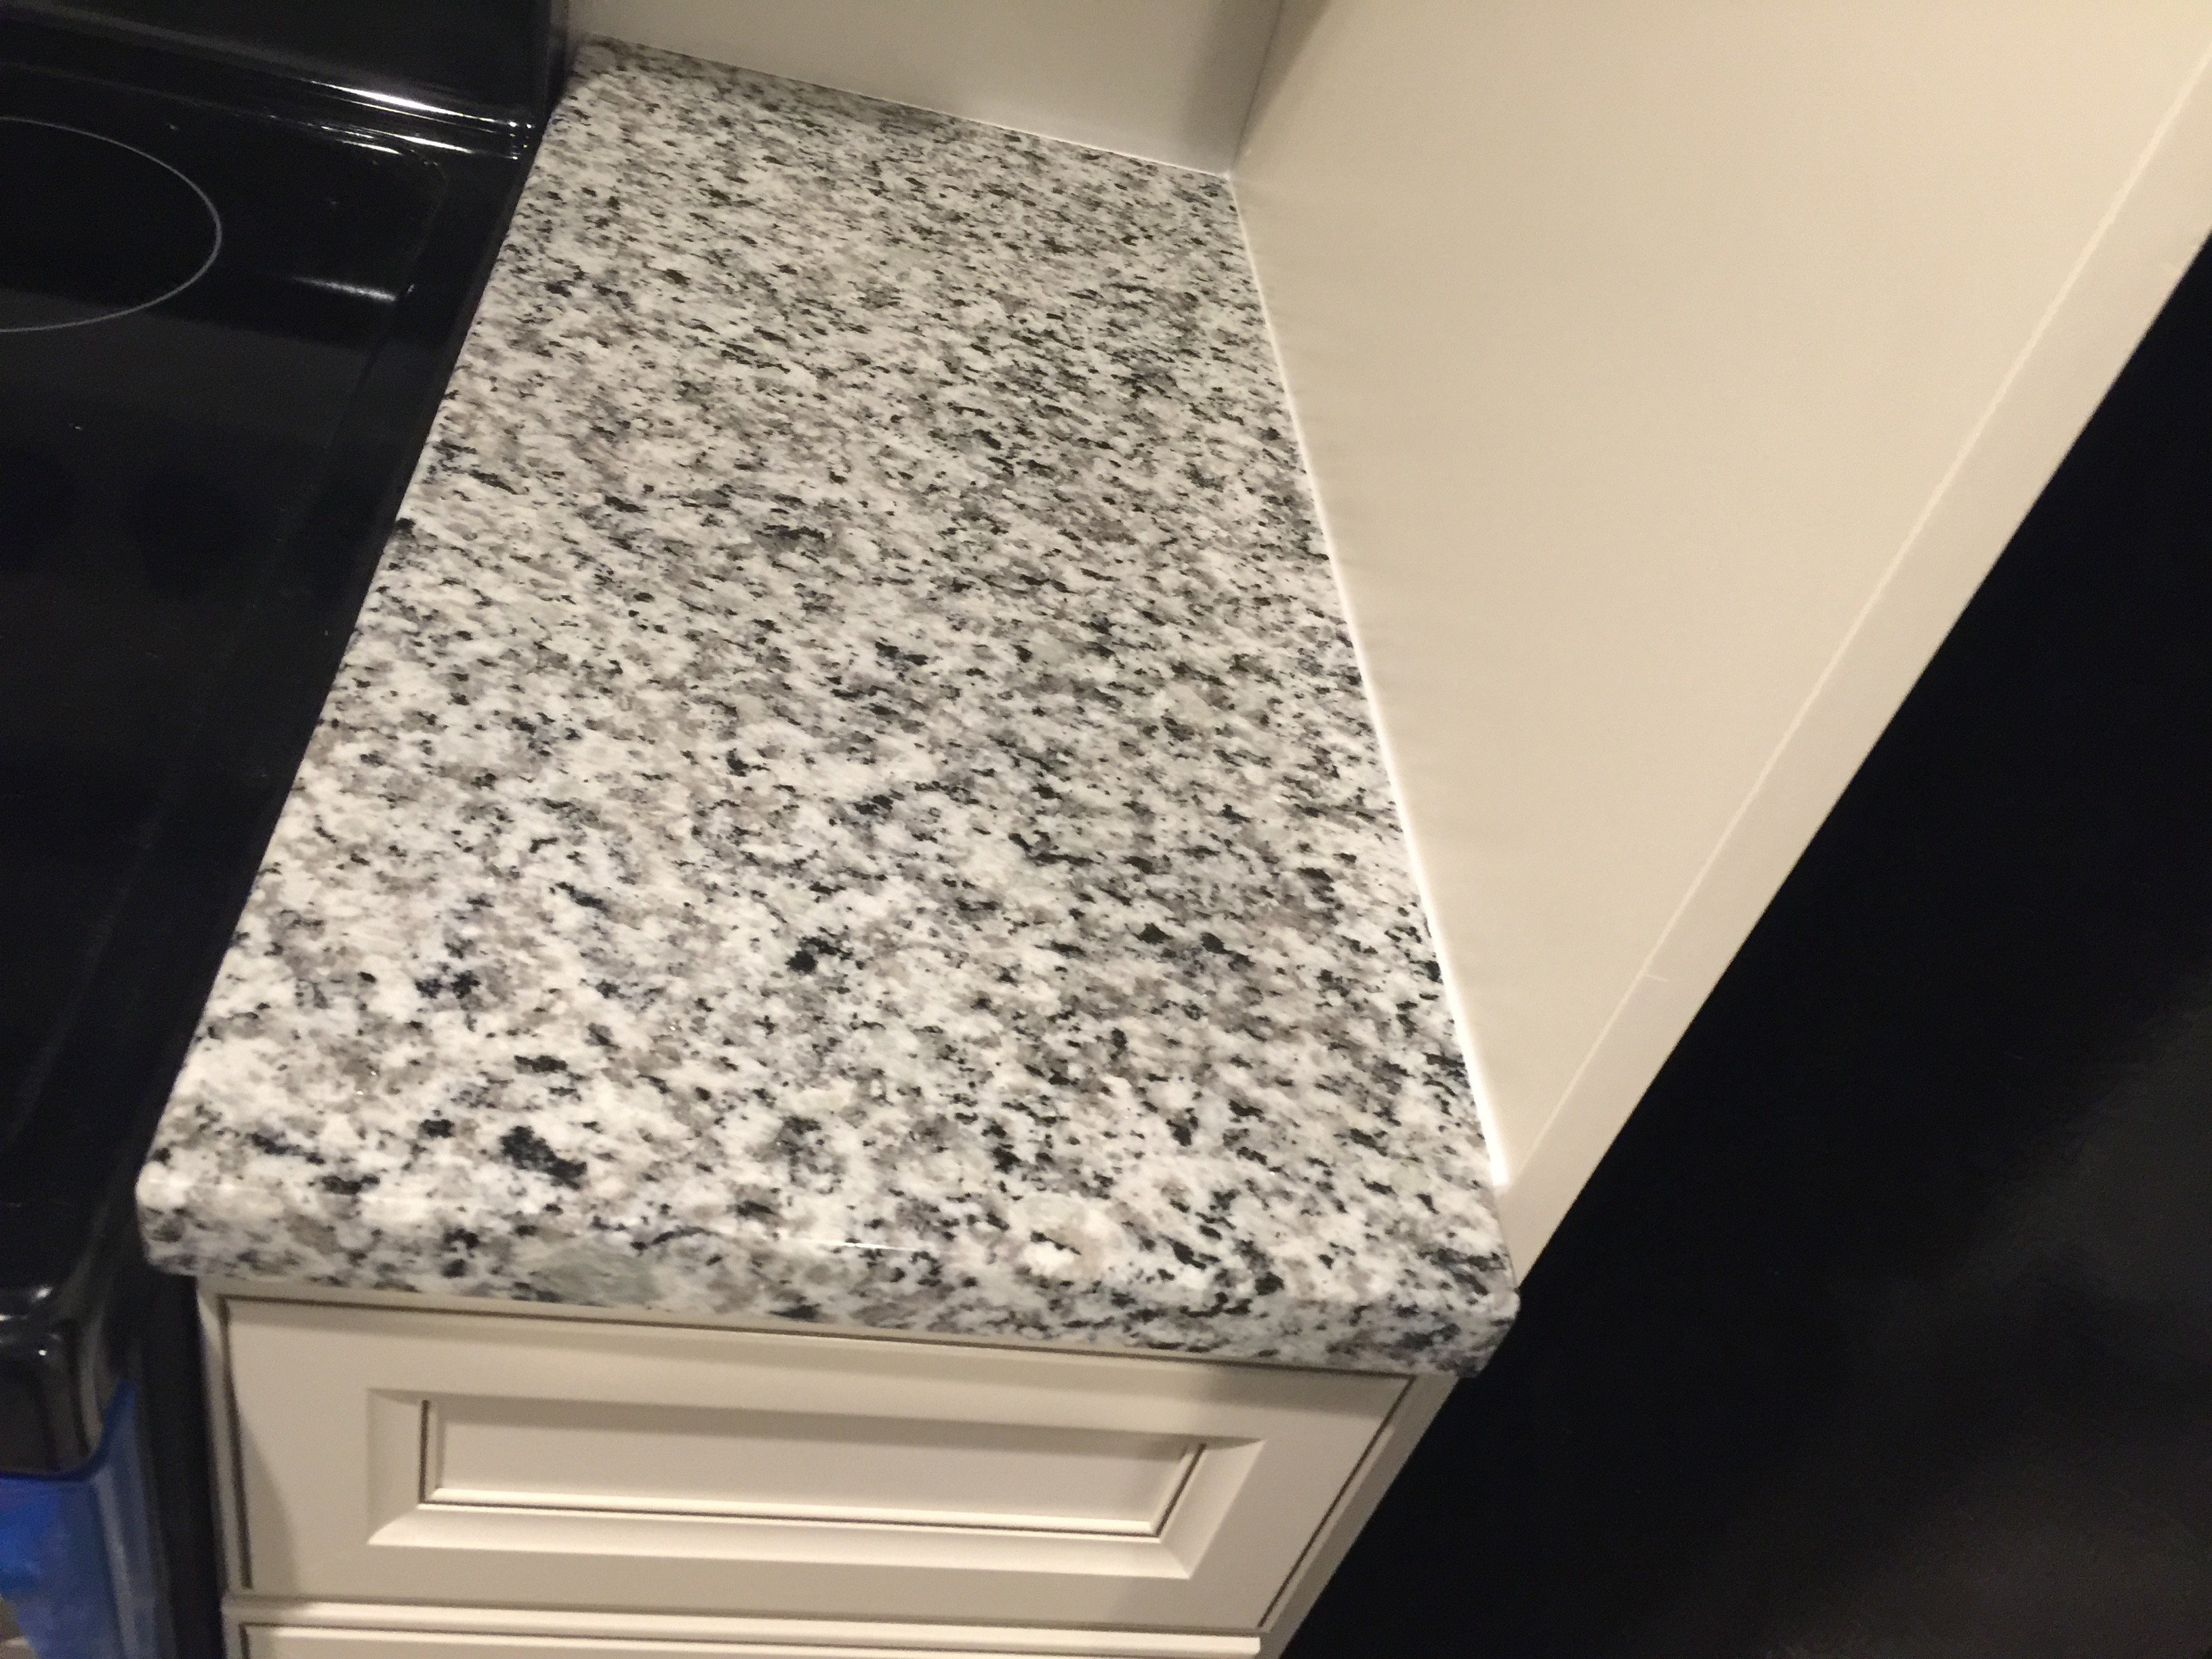 Bella White countertop